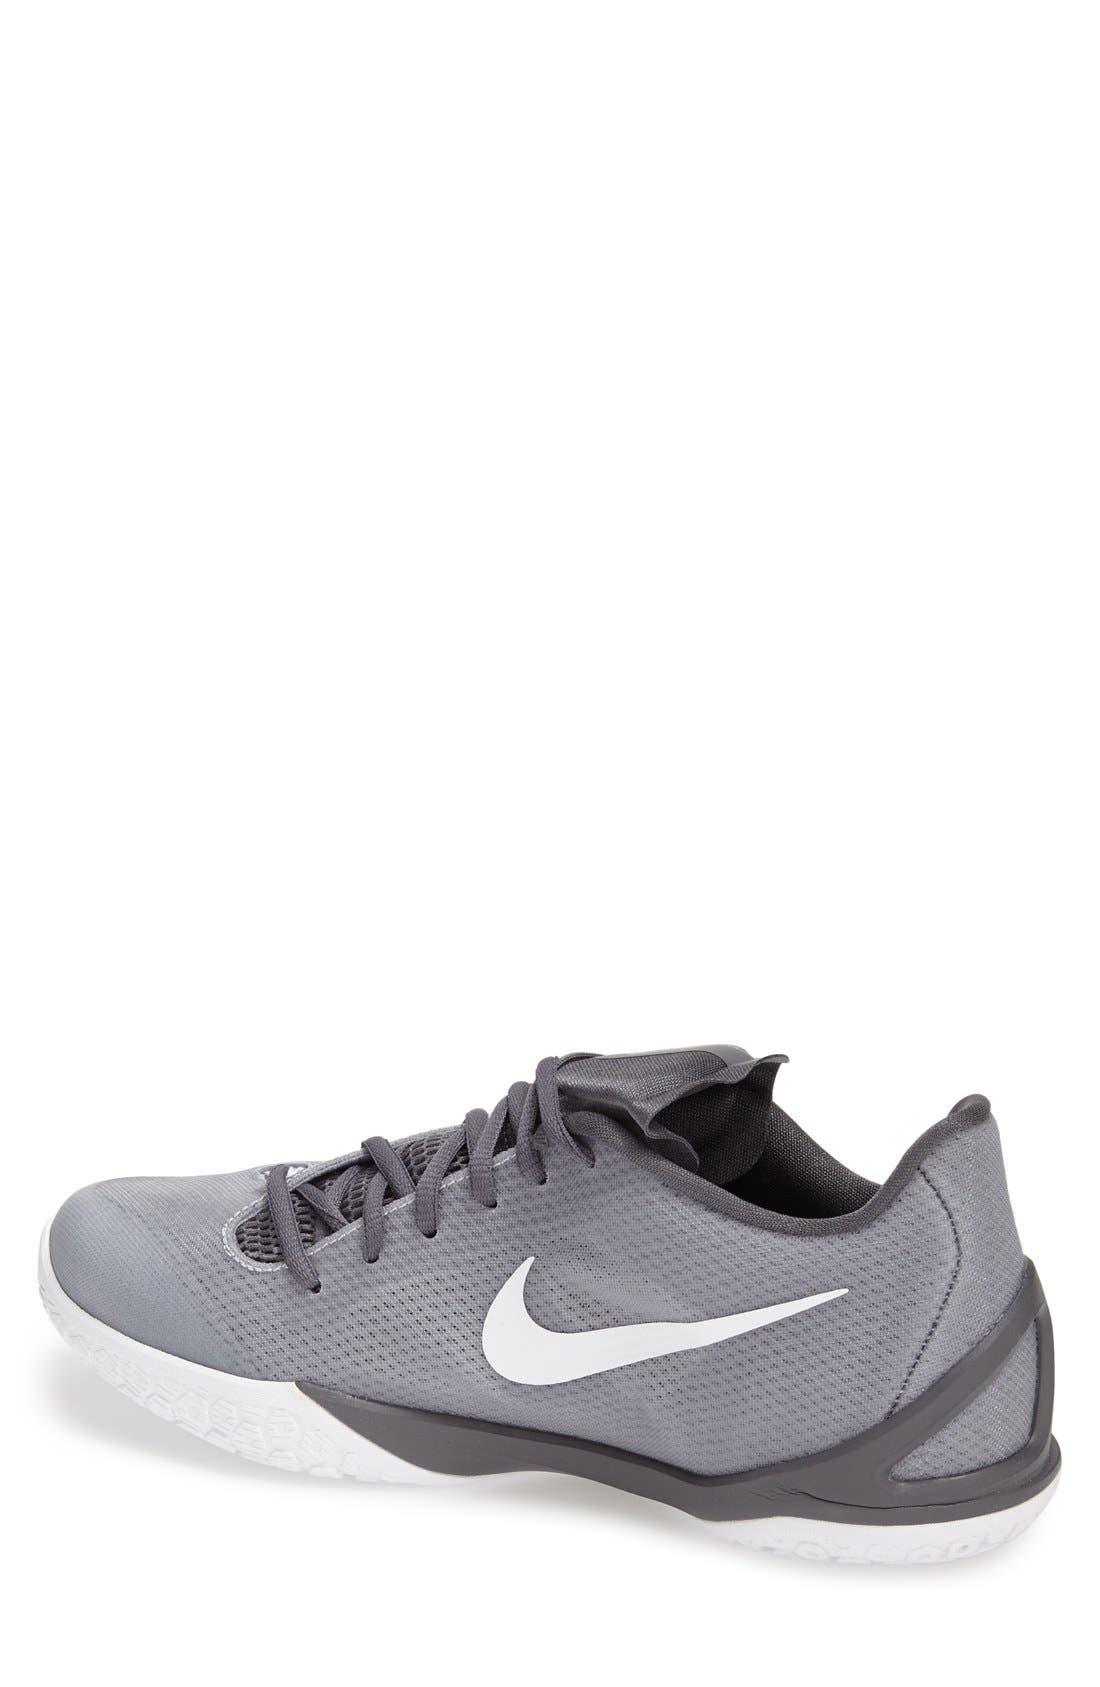 'Hyperchase' Basketball Shoe,                             Alternate thumbnail 2, color,                             090